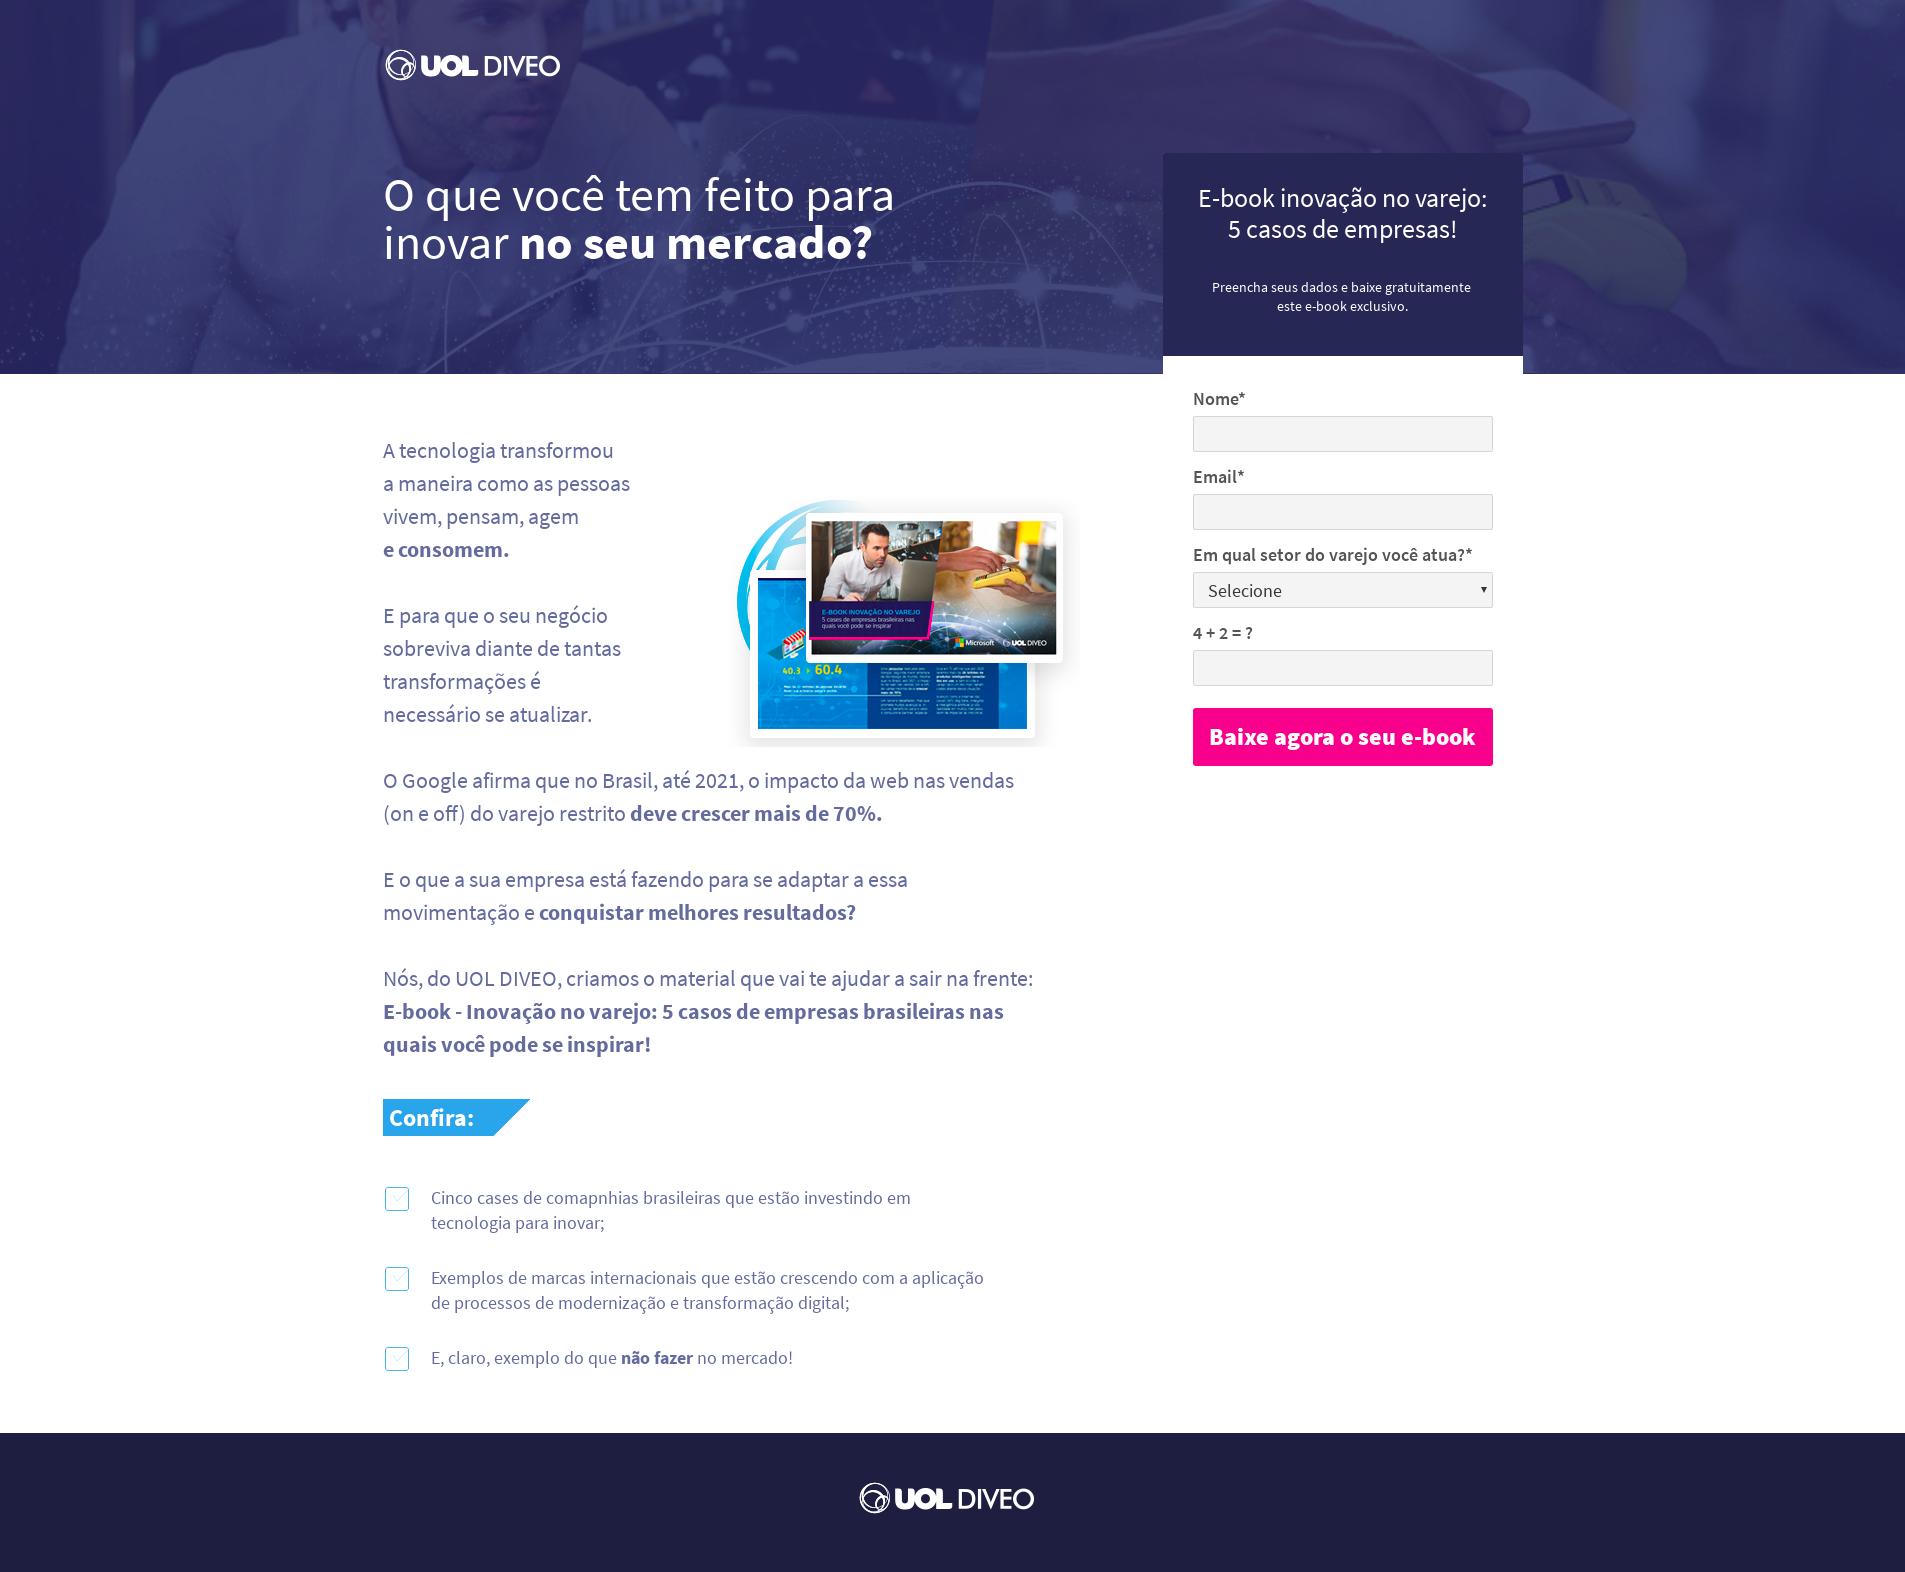 Desenvolvi Desenvolvimento Web Landing Page Uol Diveo E-book